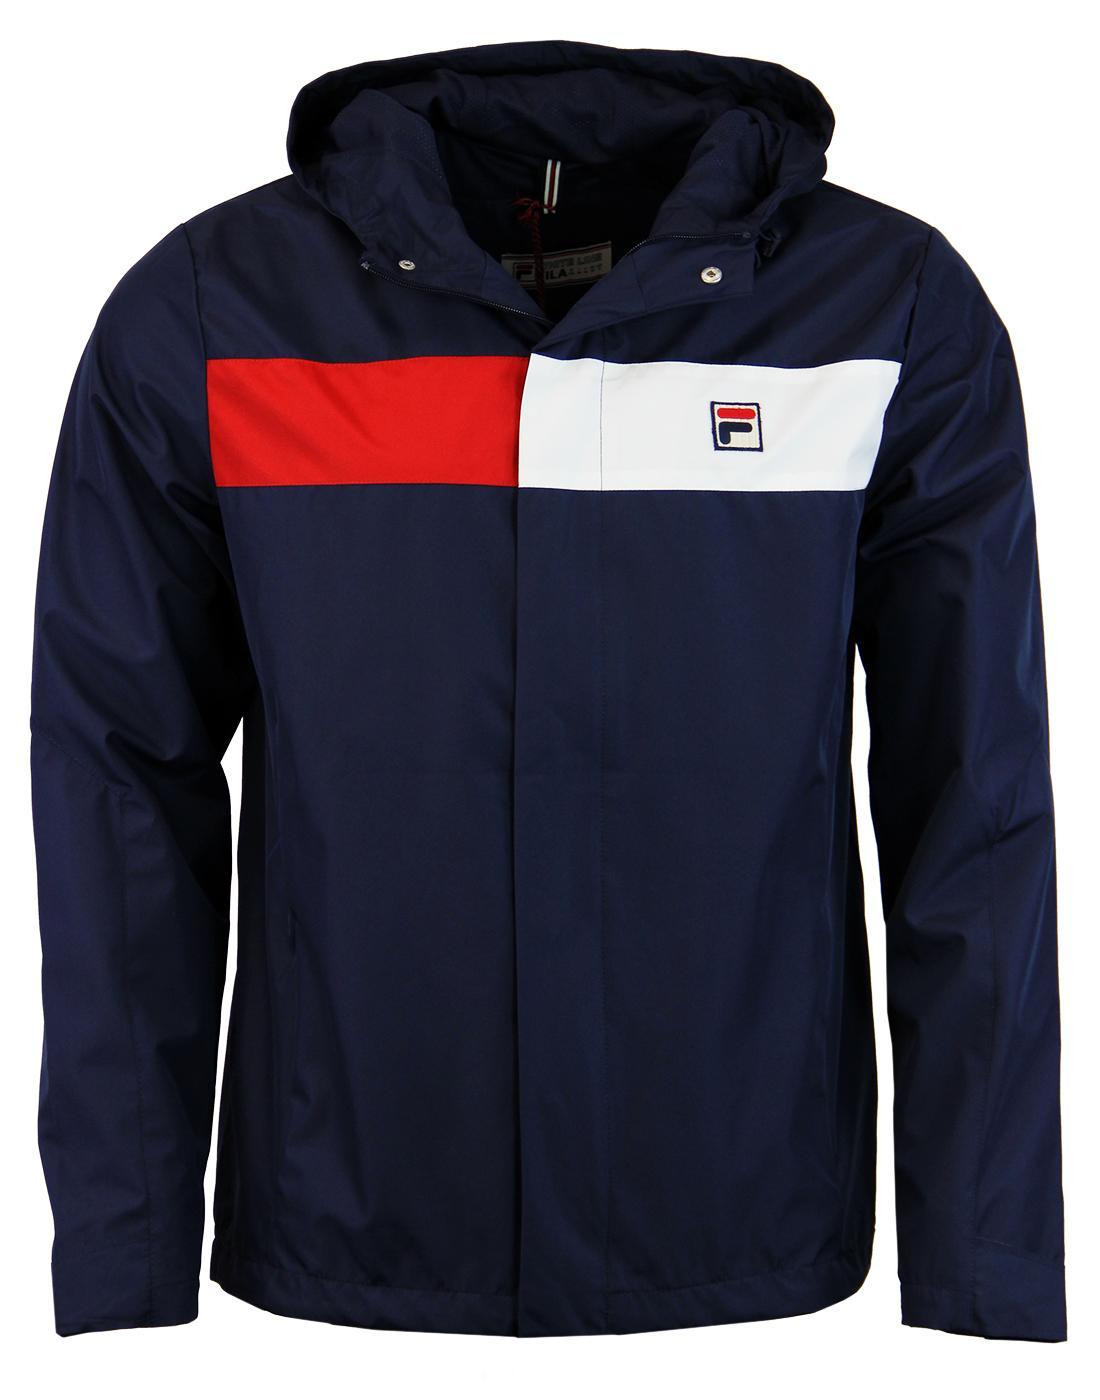 Cardova FILA VINTAGE Retro Seventies Hooded Jacket